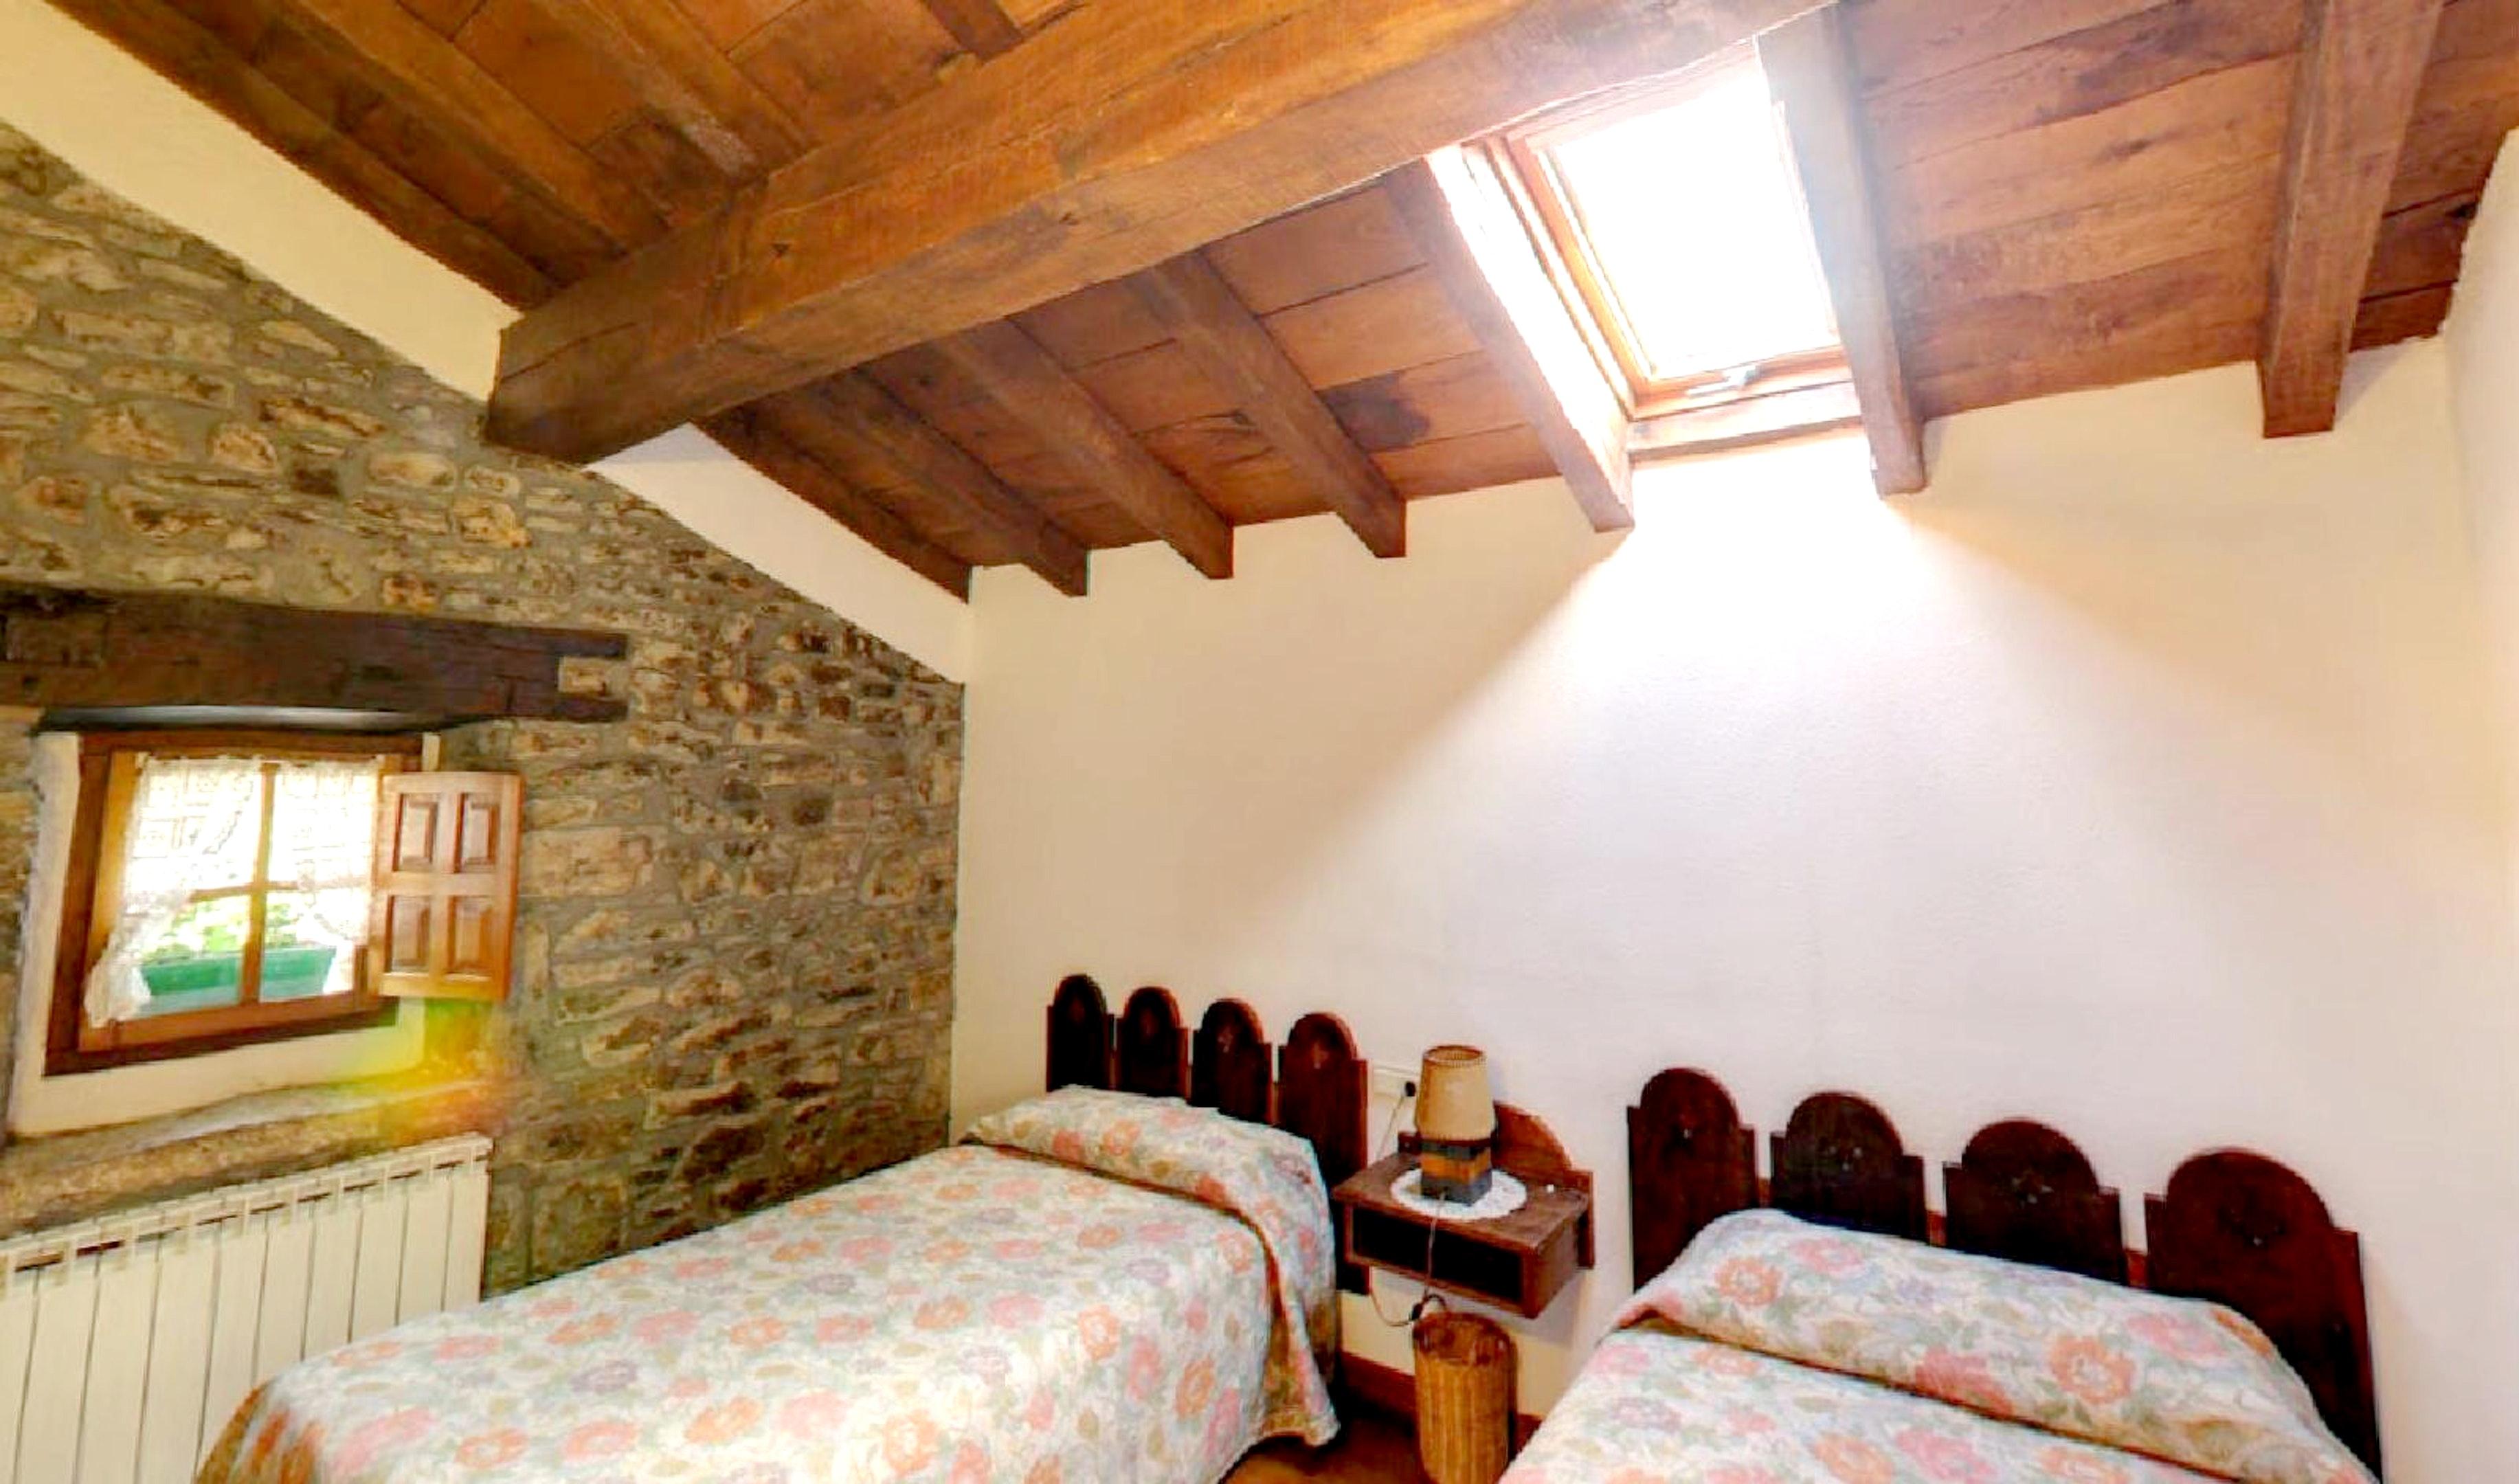 Ferienhaus Haus mit 6 Schlafzimmern in Lizaso mit eingezäuntem Garten und W-LAN - 500 m vom Strand en (2599807), Lizaso, , Navarra, Spanien, Bild 19